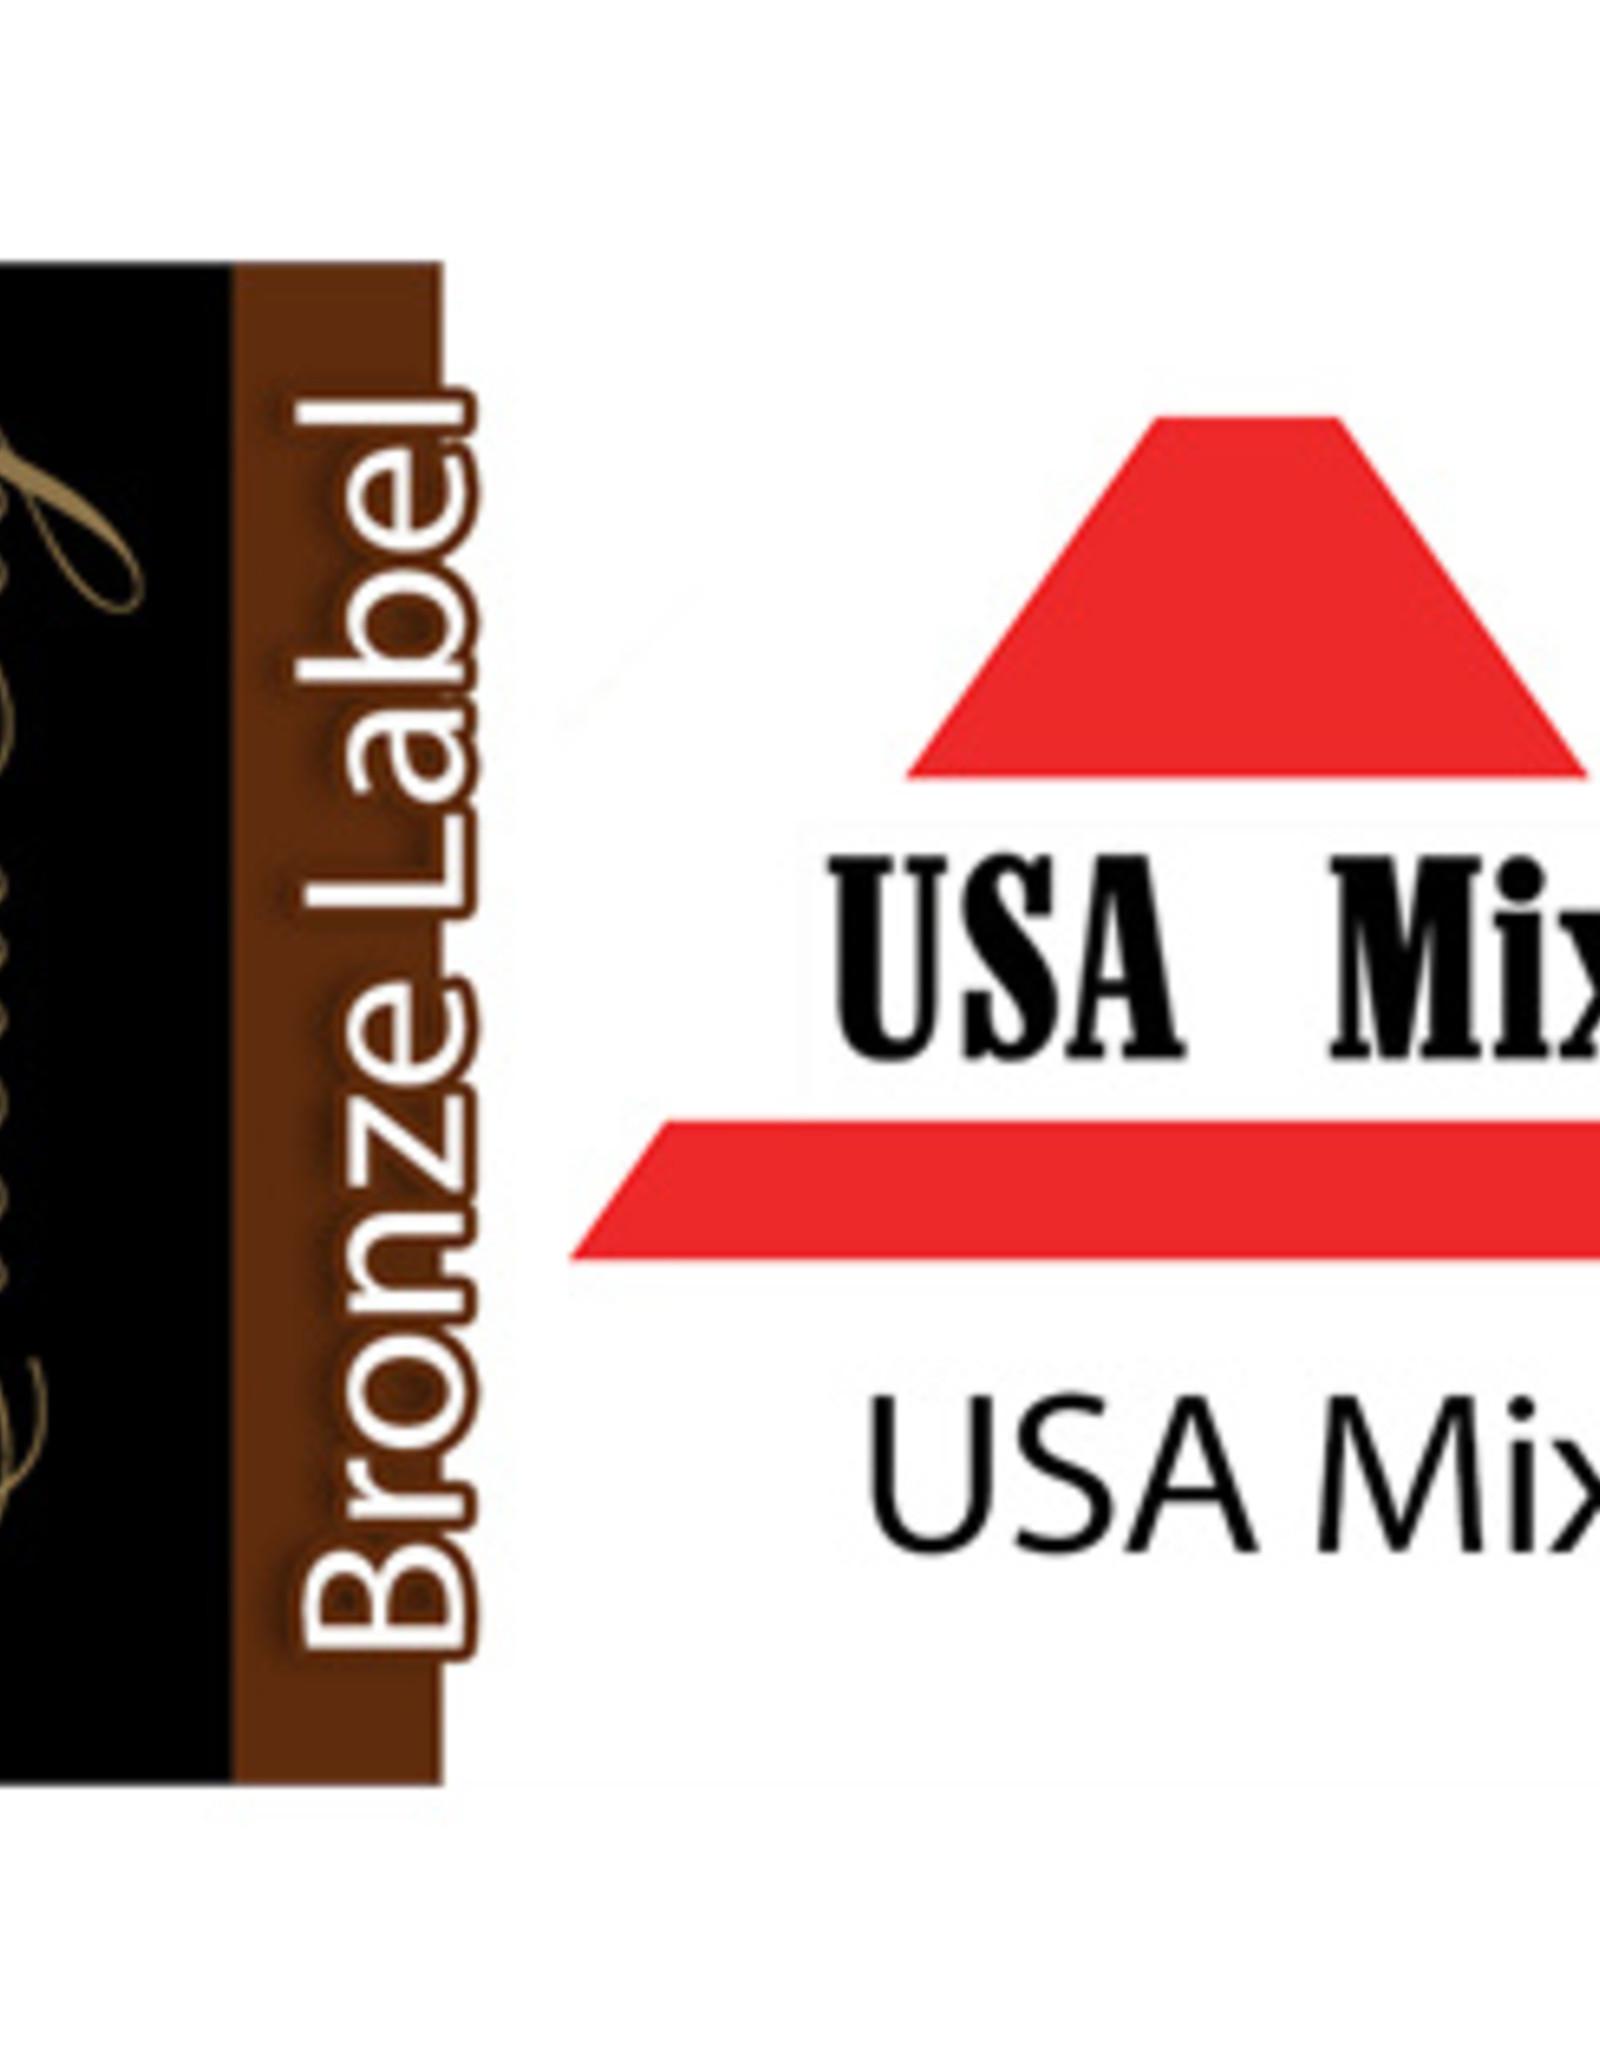 Exclucig Exclucig Bronze Label E-liquid USA Mix 18 mg Nicotine